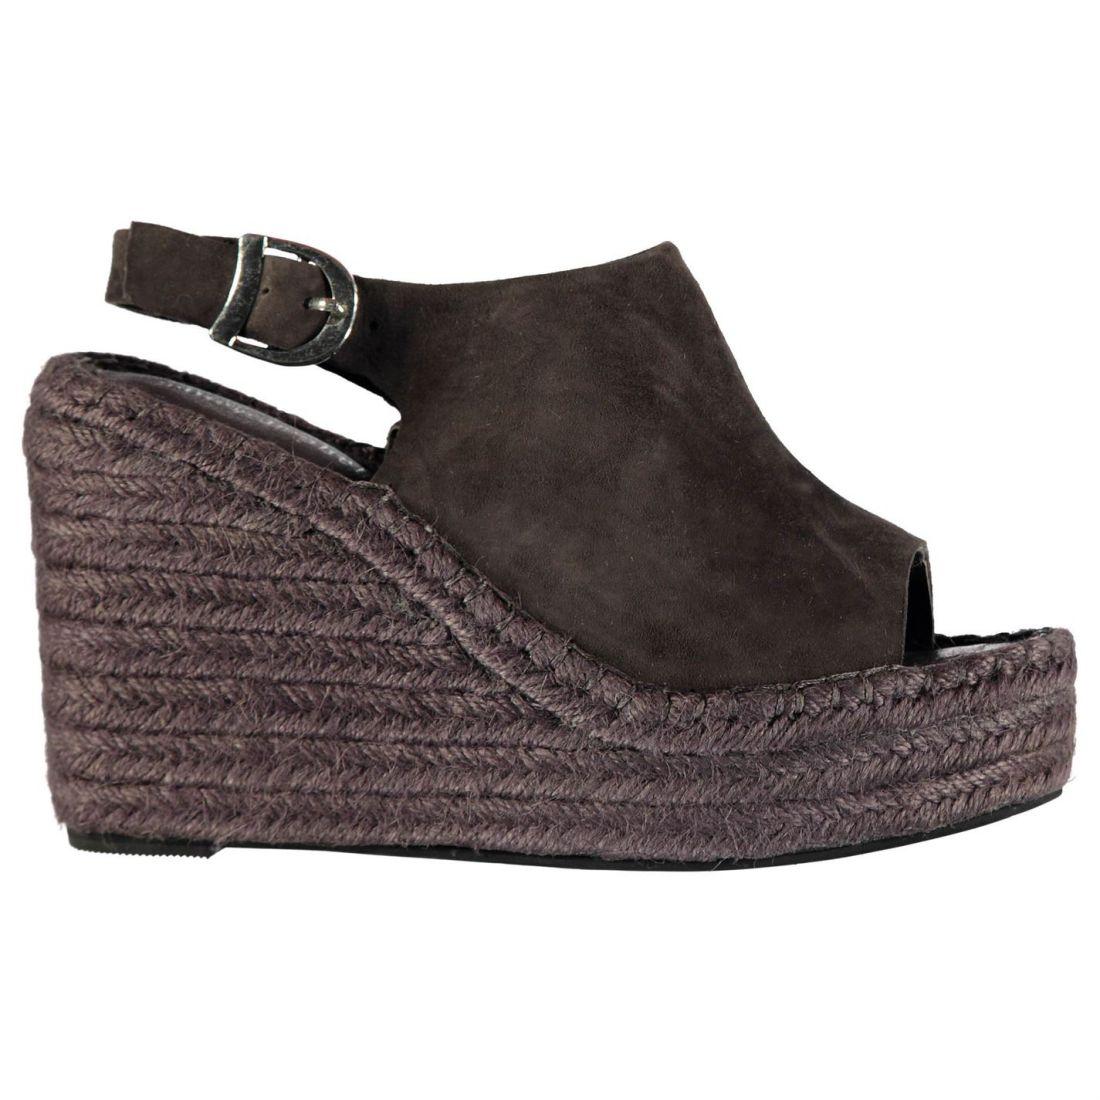 bout Jn017 Jeffrey Campbell cheville la Chaussures Femmes ouvert à à compensées bride H4RCqw